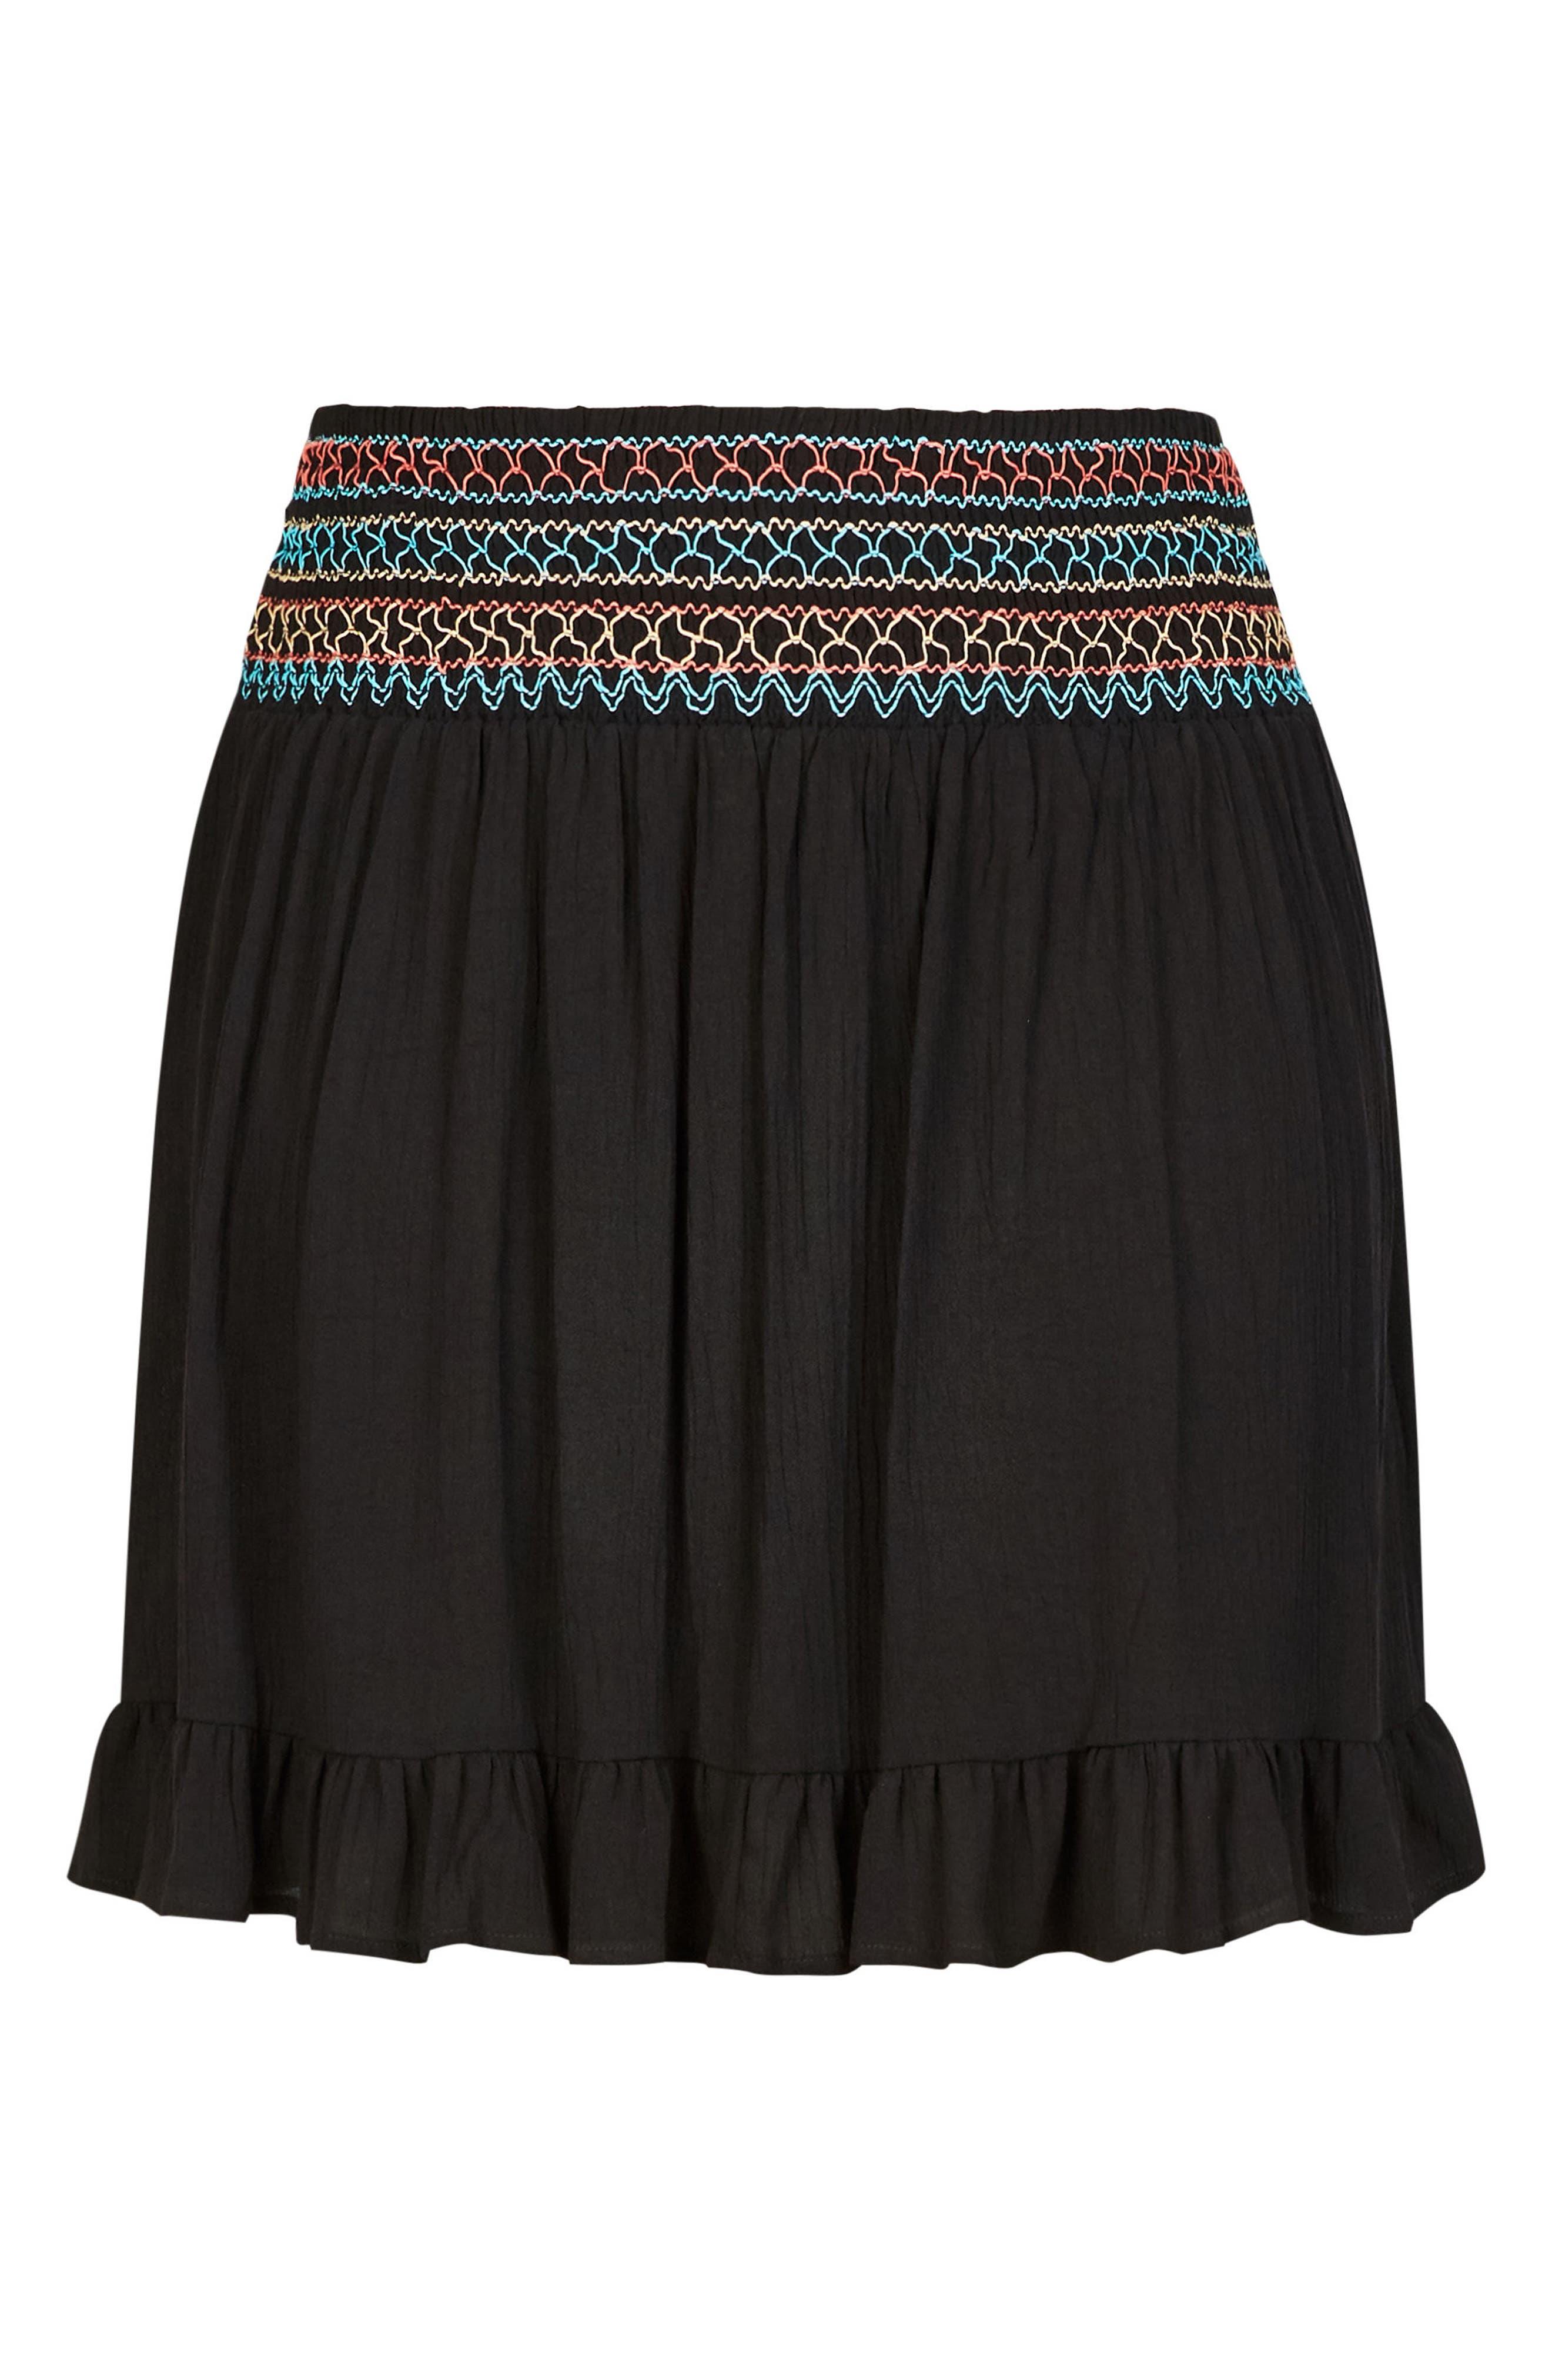 Makana Skirt,                             Alternate thumbnail 3, color,                             BLACK